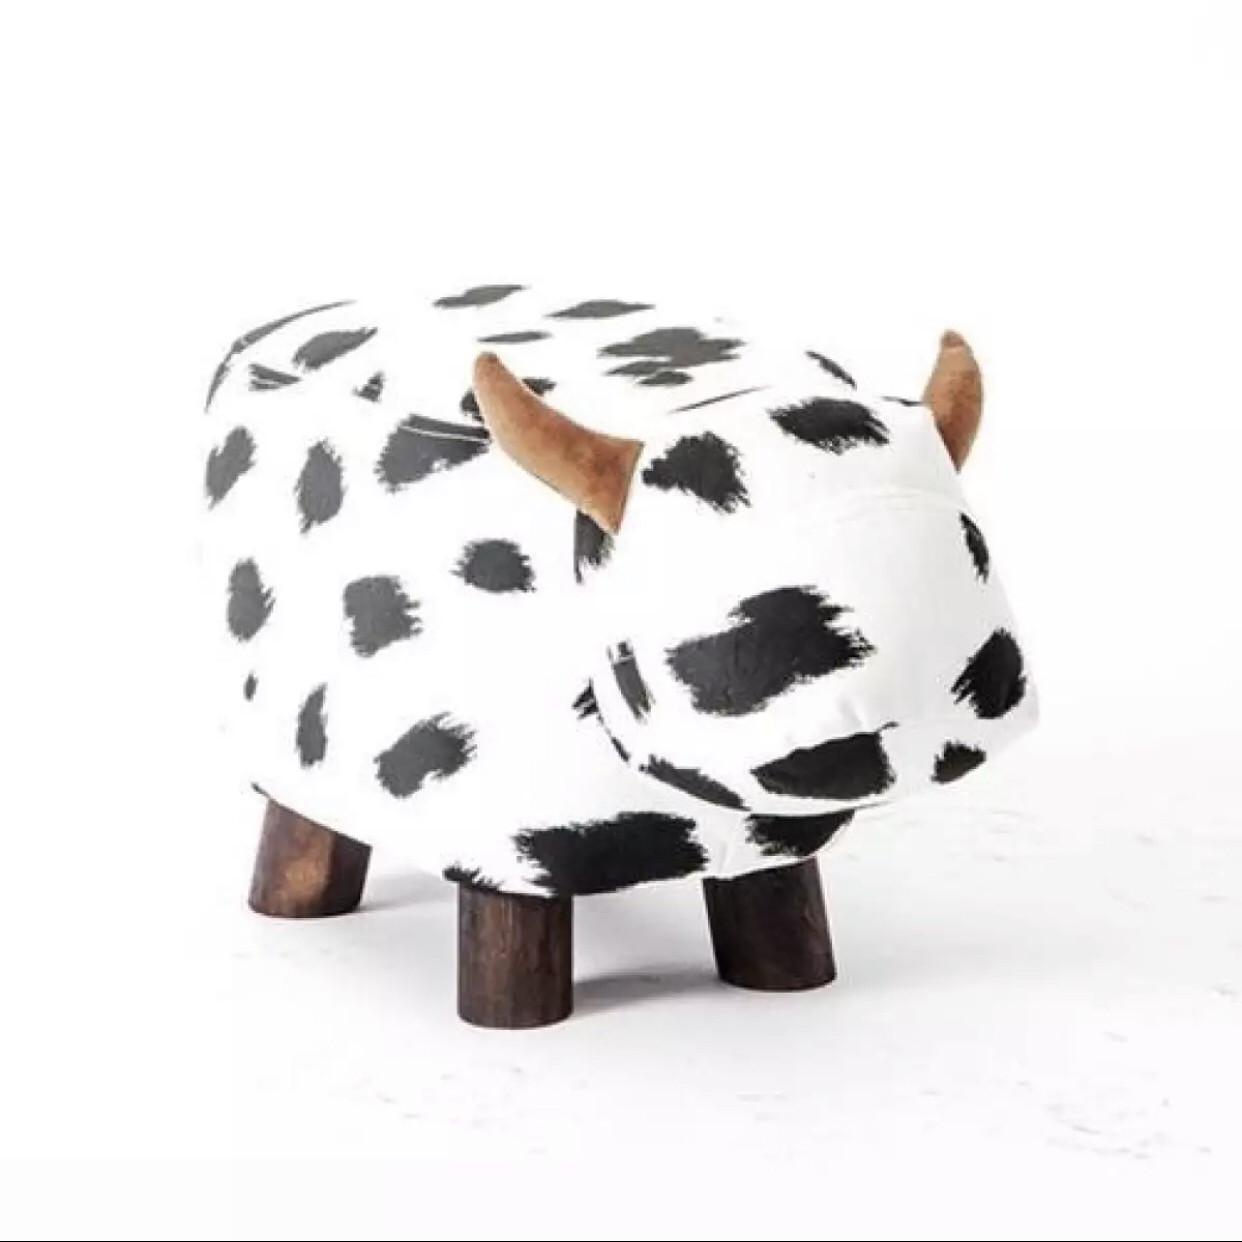 Ghế gỗ bọc da- 49cmx23cmx27cm-hình bò sữa